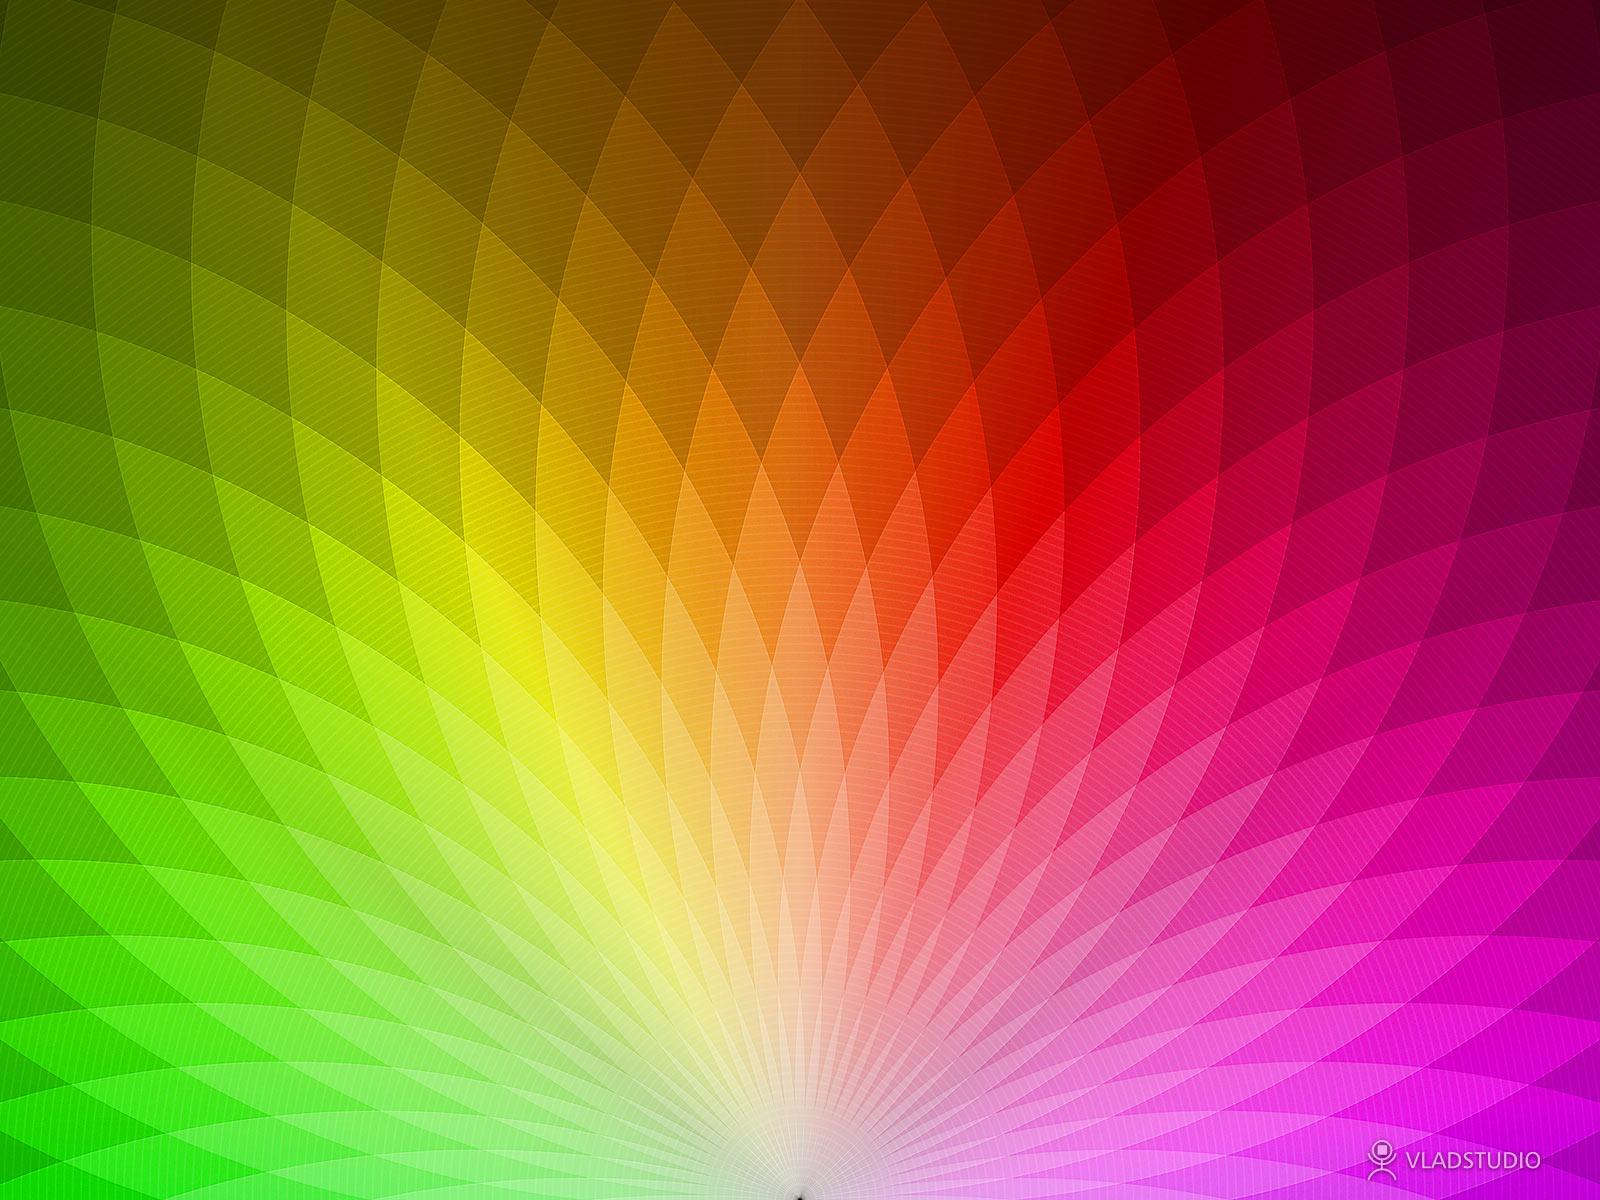 спектр цвтов радуги, фото, рисунок, обои на рабочий стол, скачать бесплатно